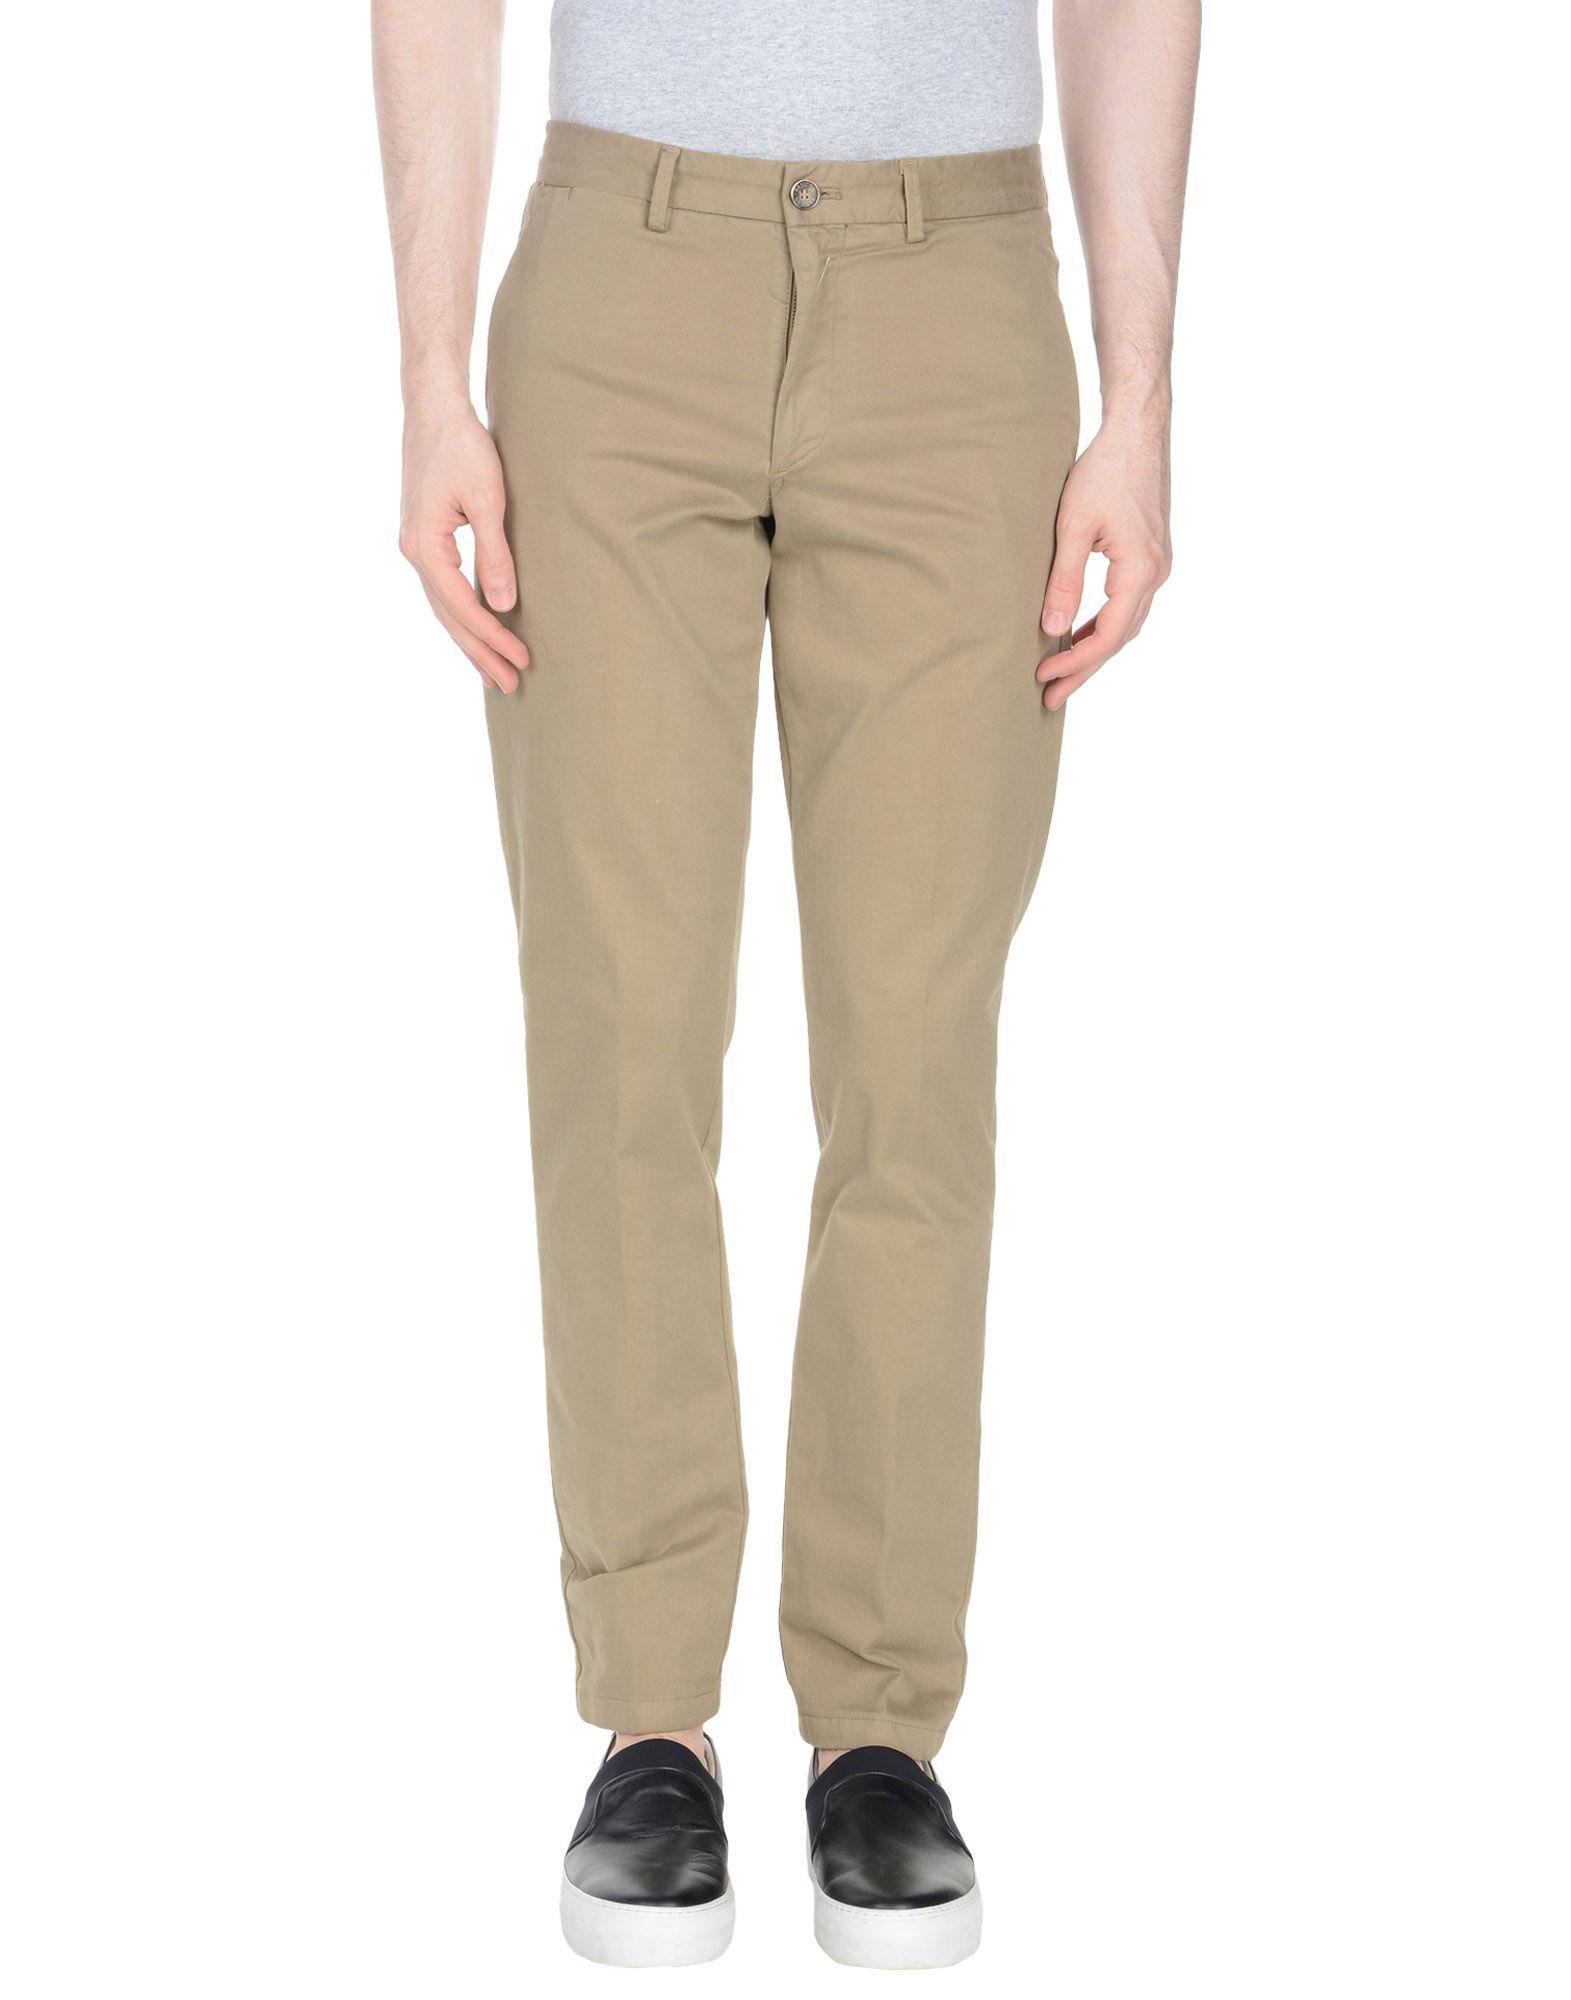 BASICON Повседневные брюки 19 70 genuine wear повседневные брюки